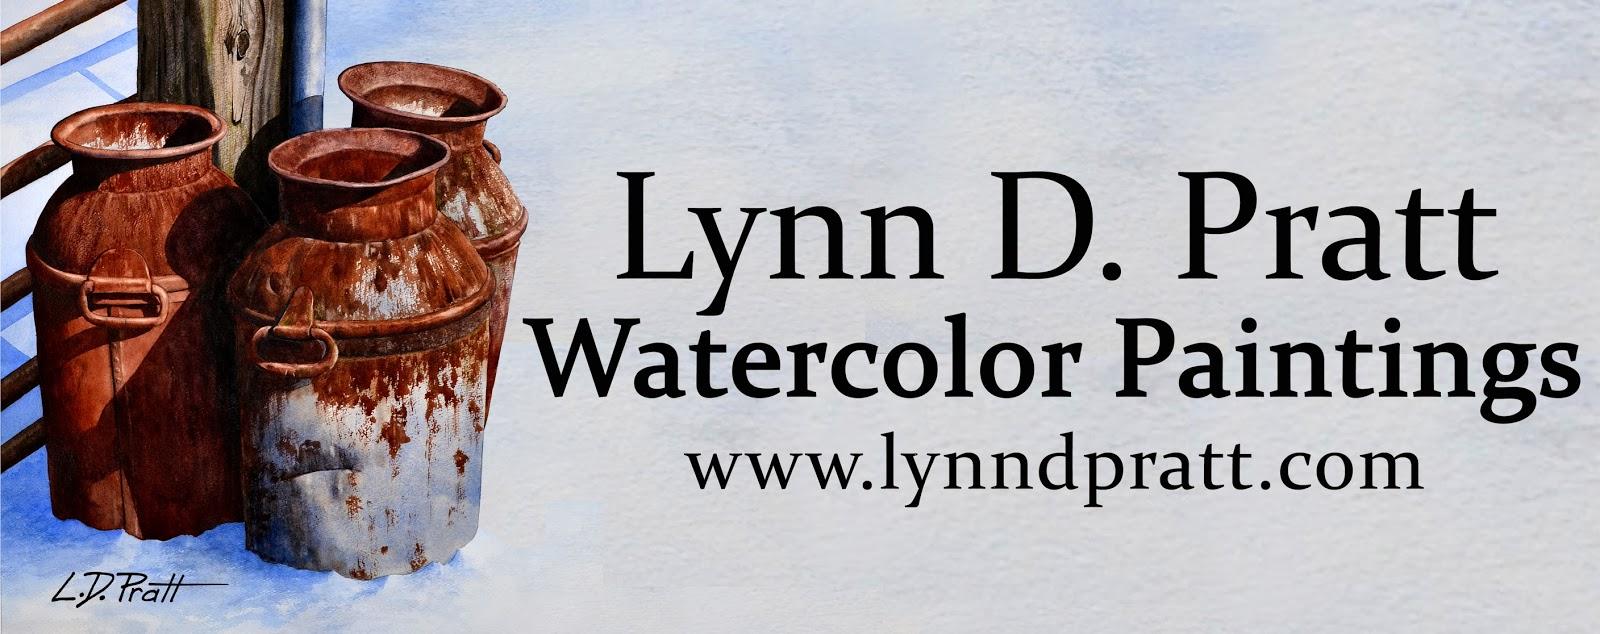 http://lynndpratt.com/